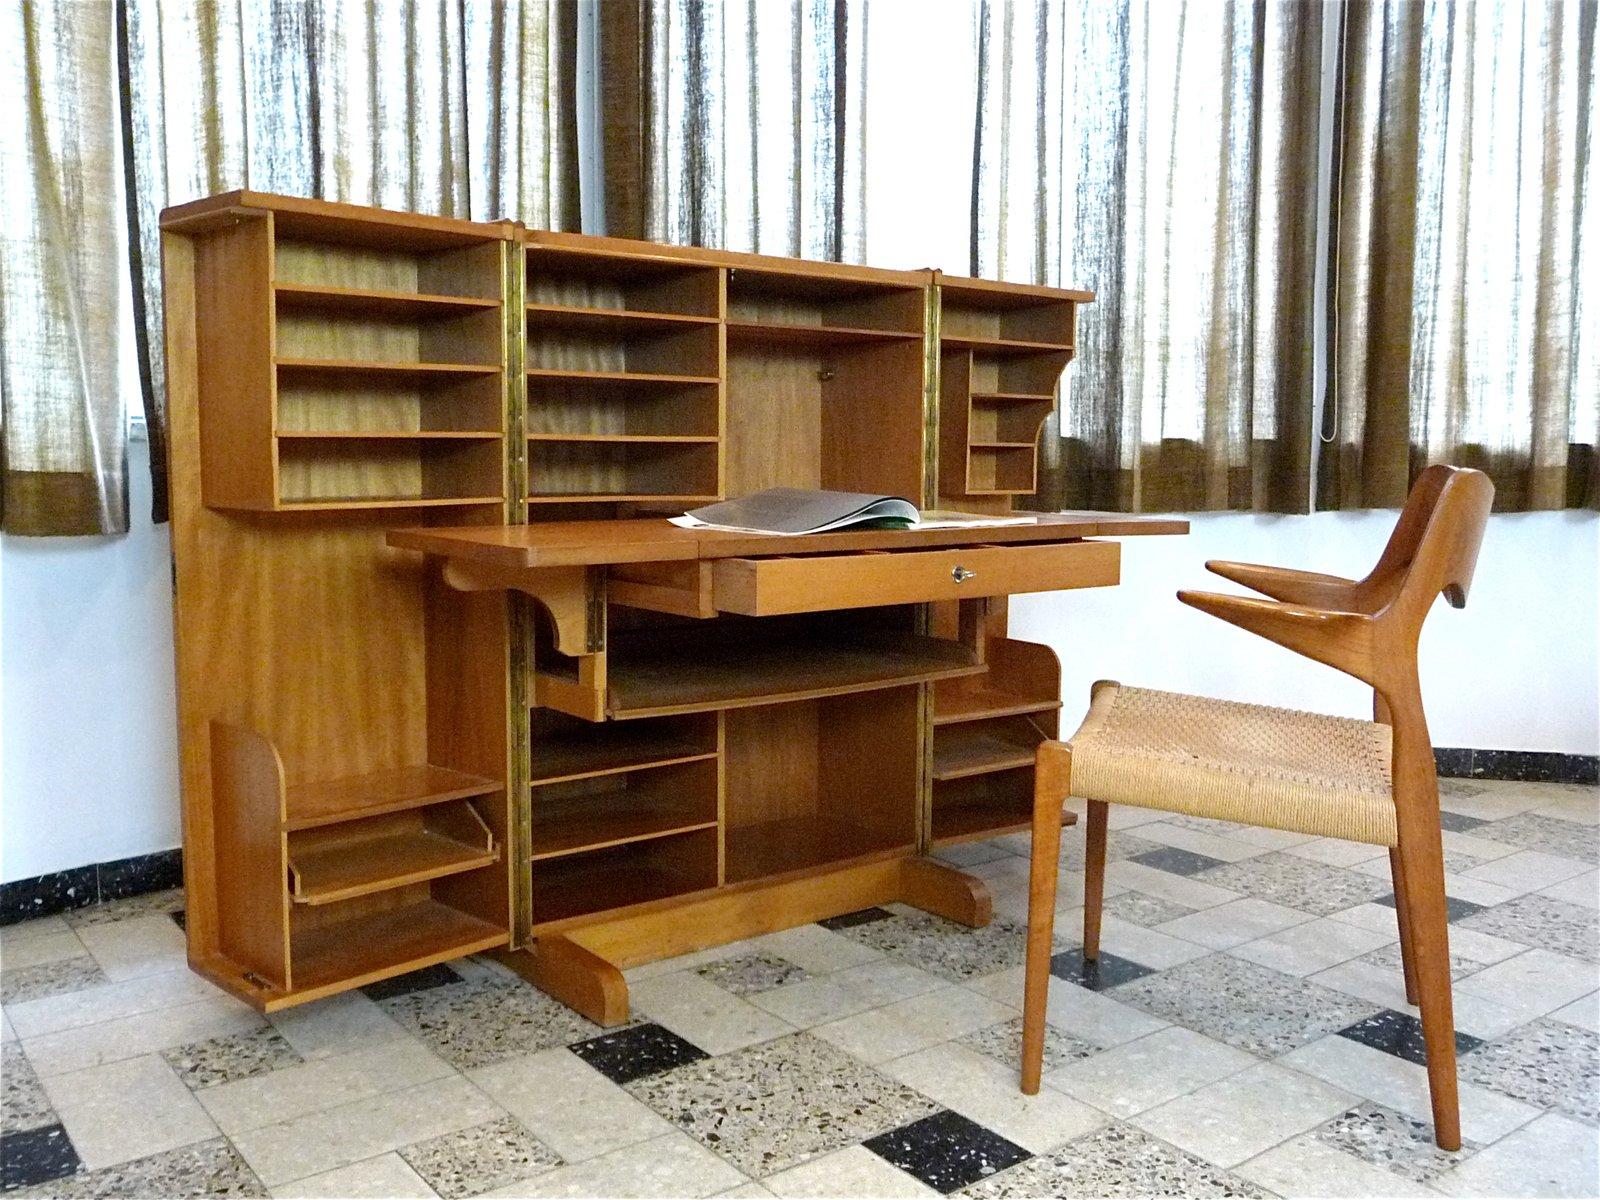 Mueble escritorio plegable de mummenthaler meier a os 50 en venta en pamono - Mueble anos 50 ...